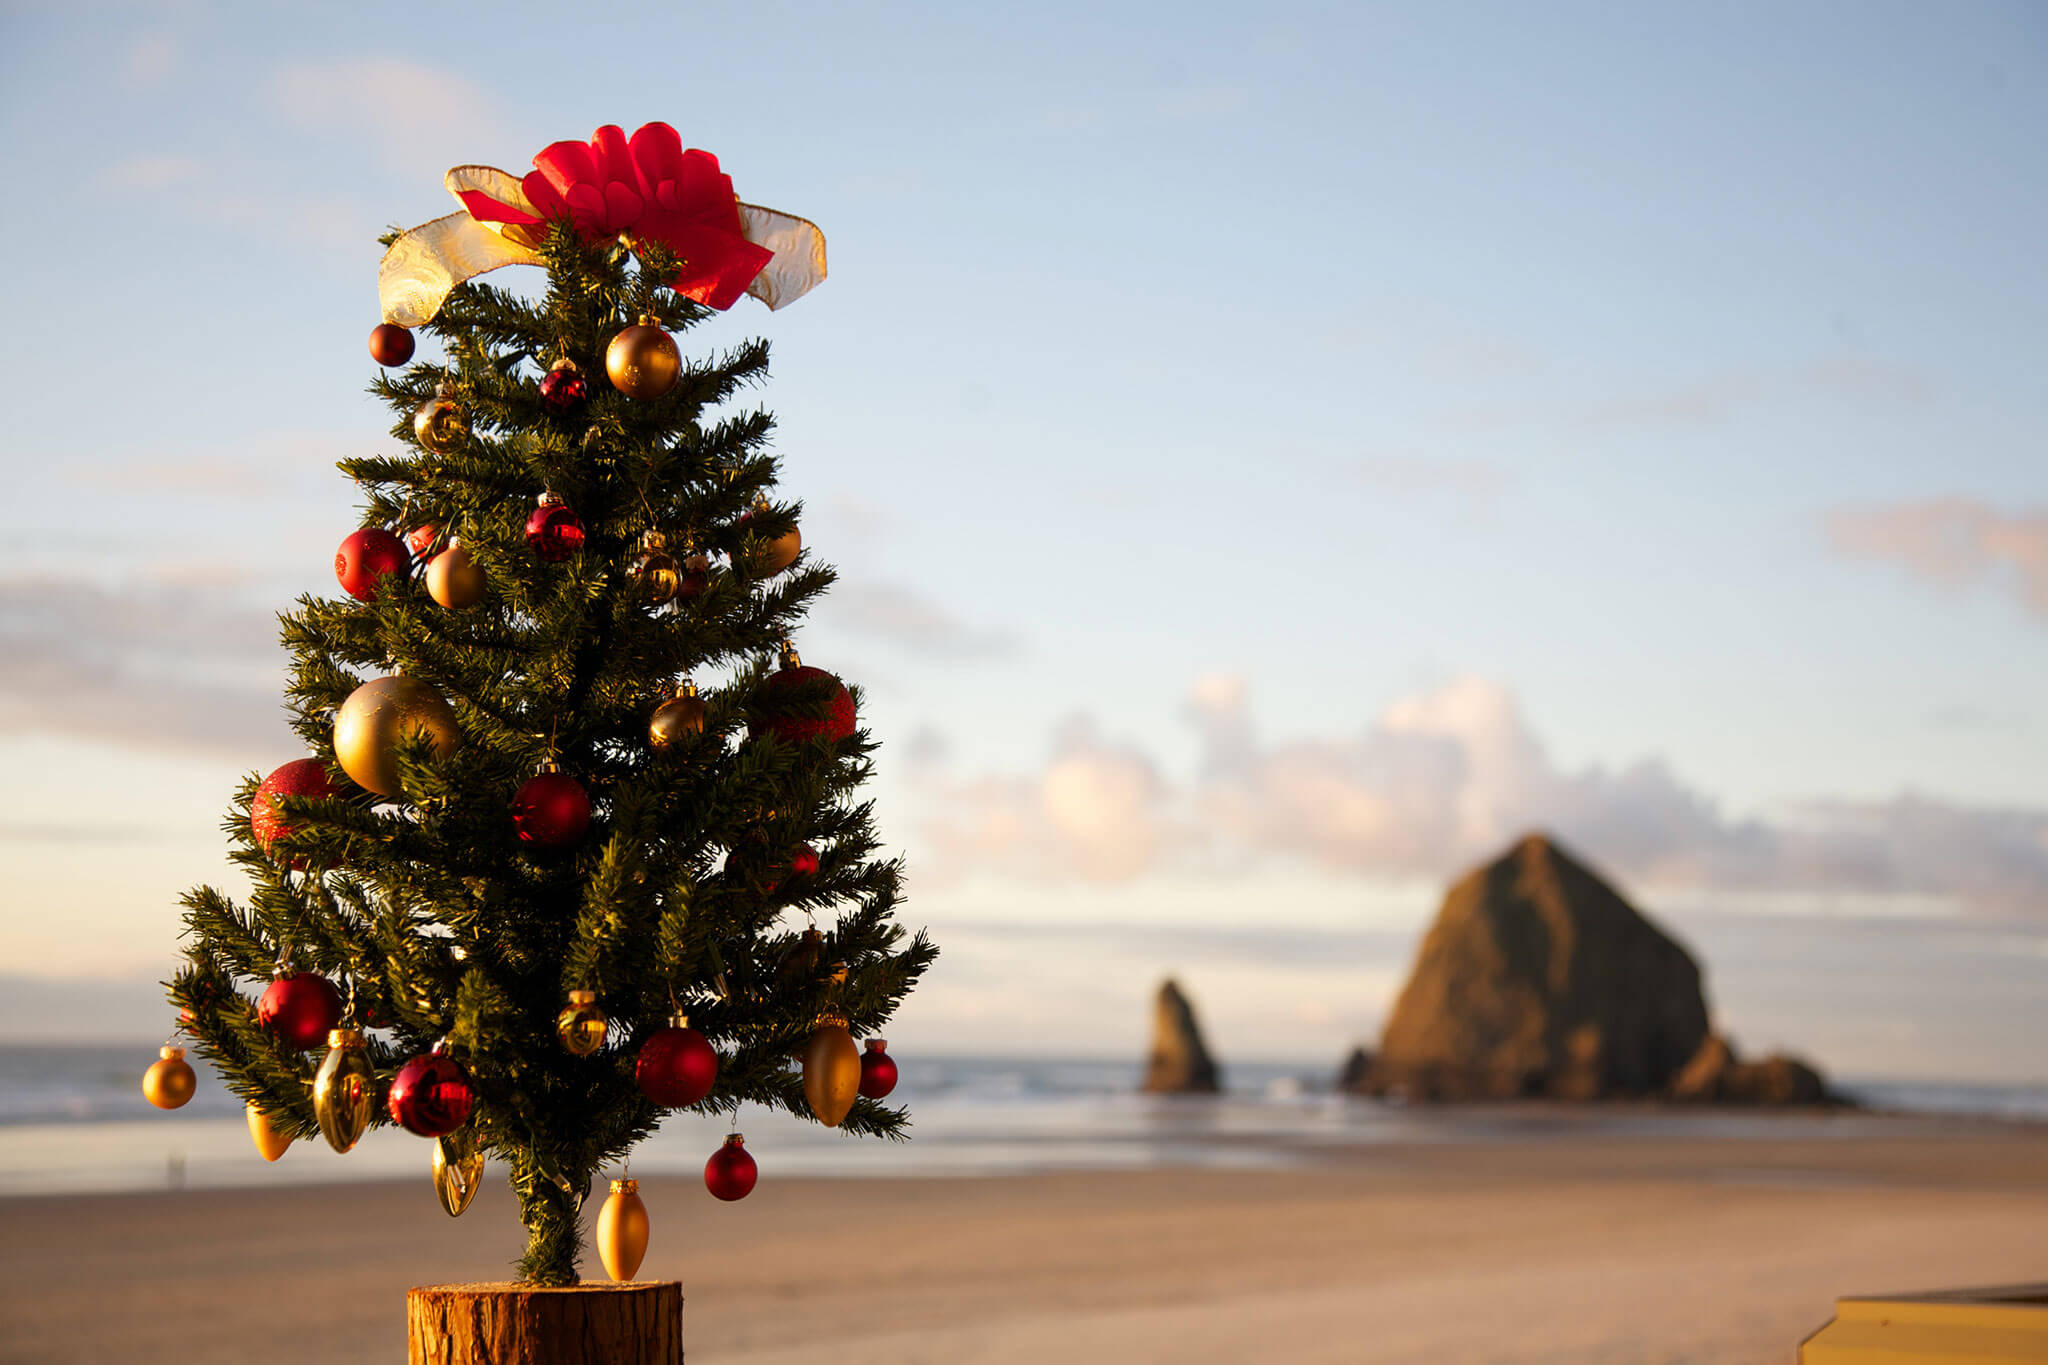 cannon beach christmas tree min stephanie inn oceanfront hotel in cannon beach oregon - Beach Christmas Tree